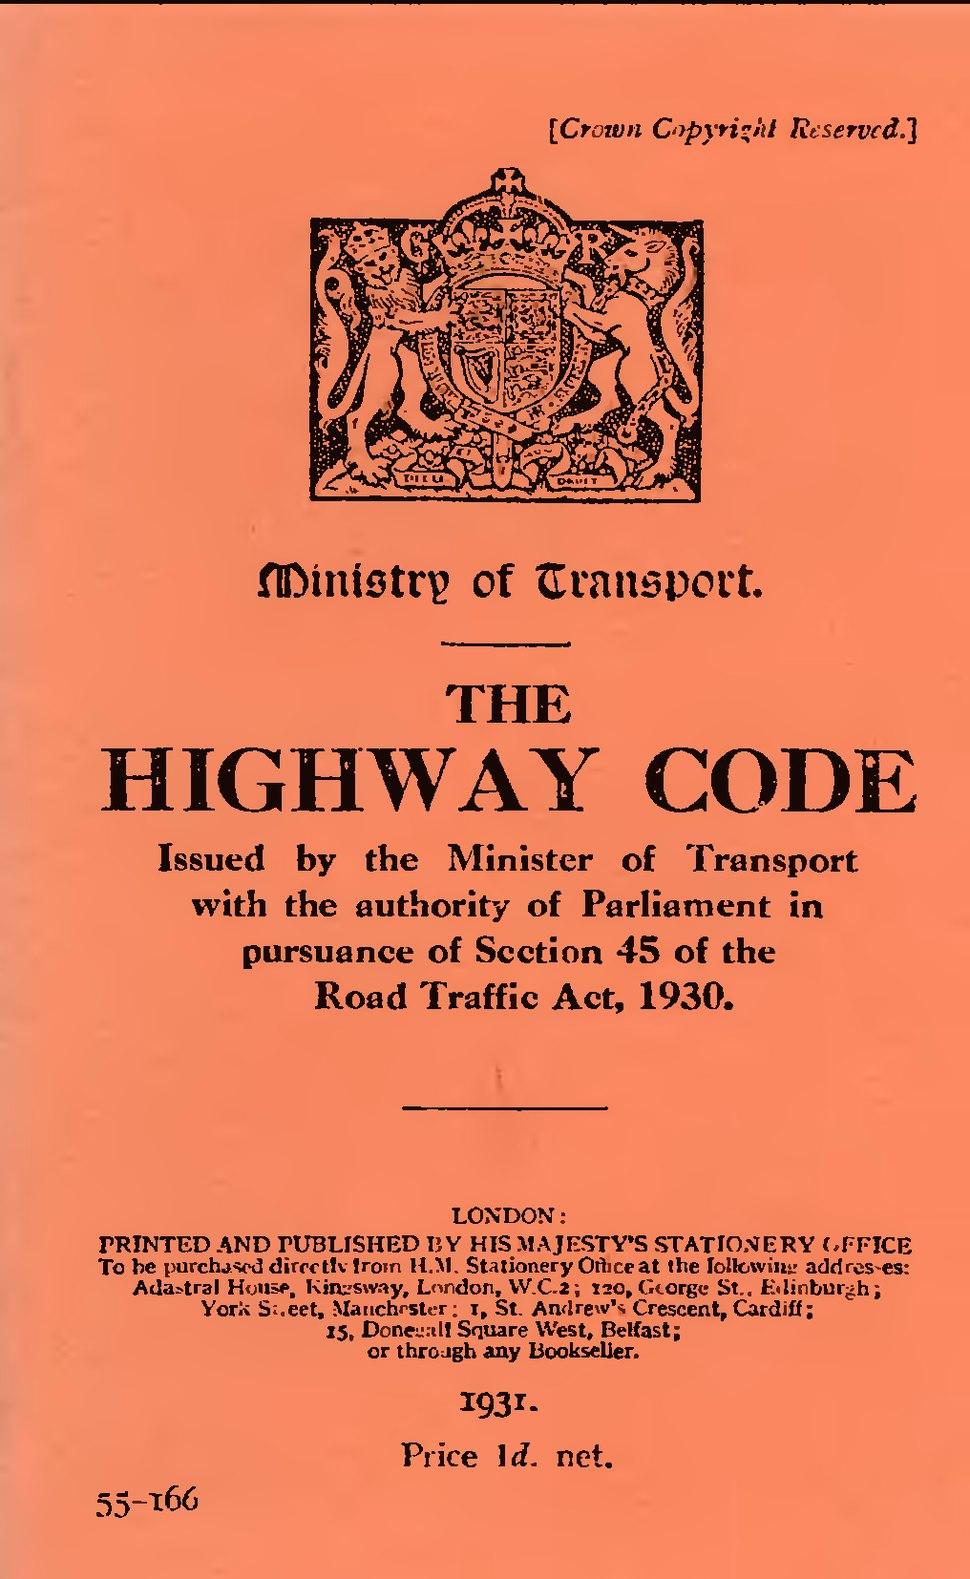 The Highway Code 1931.djvu